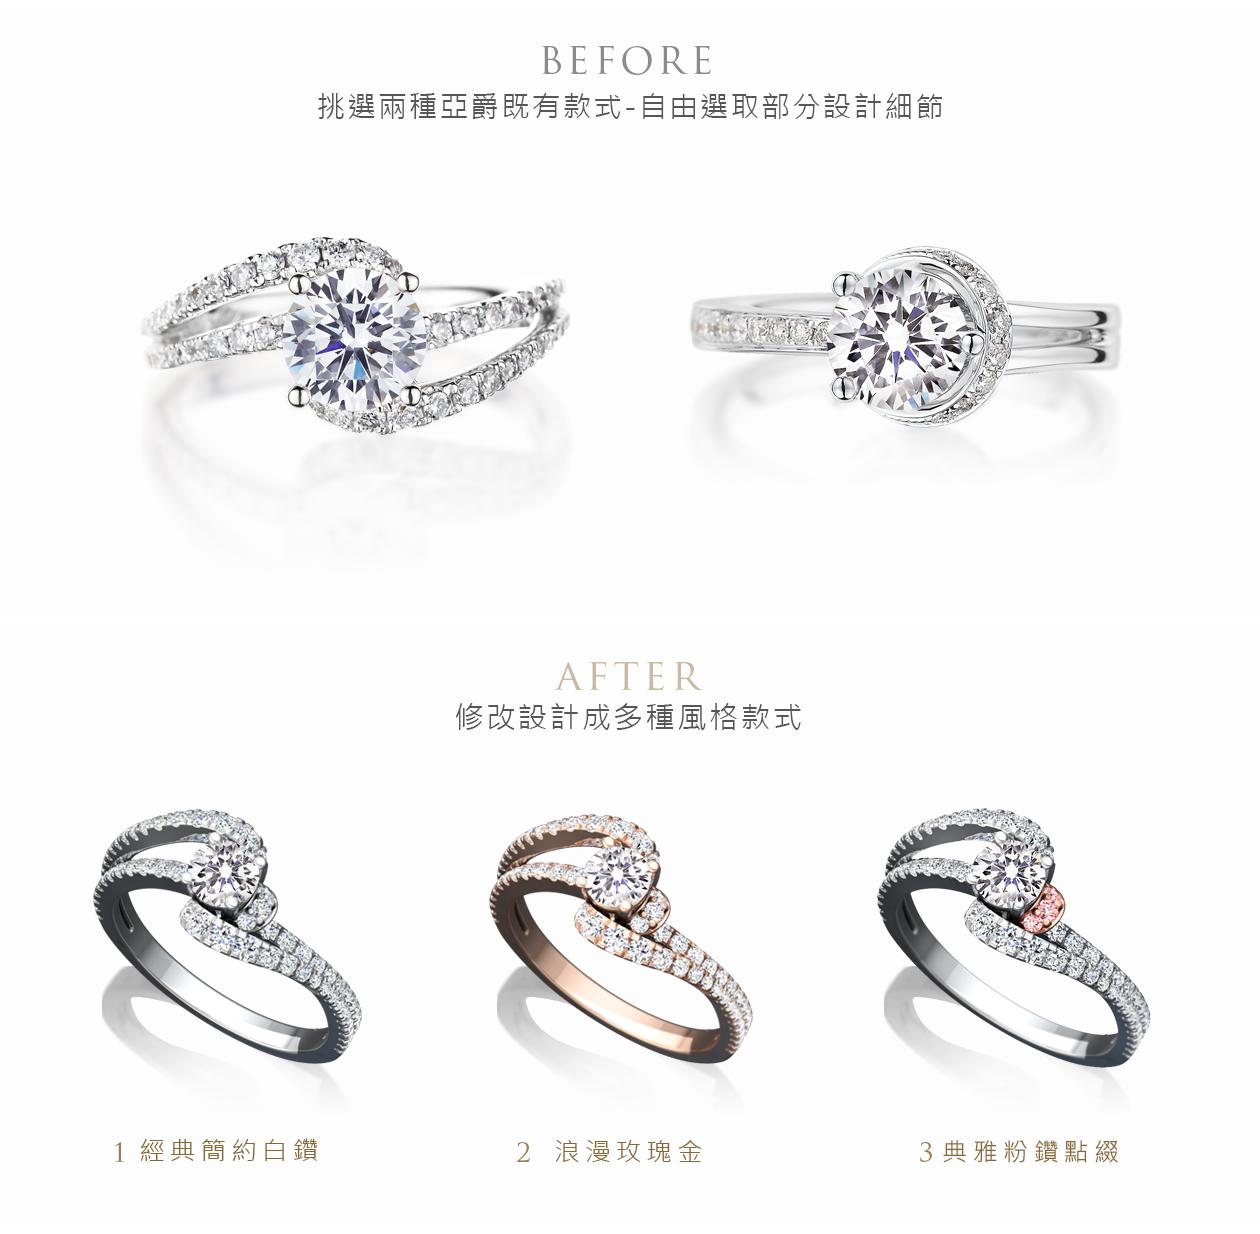 求婚戒指鑽戒婚戒修改範例